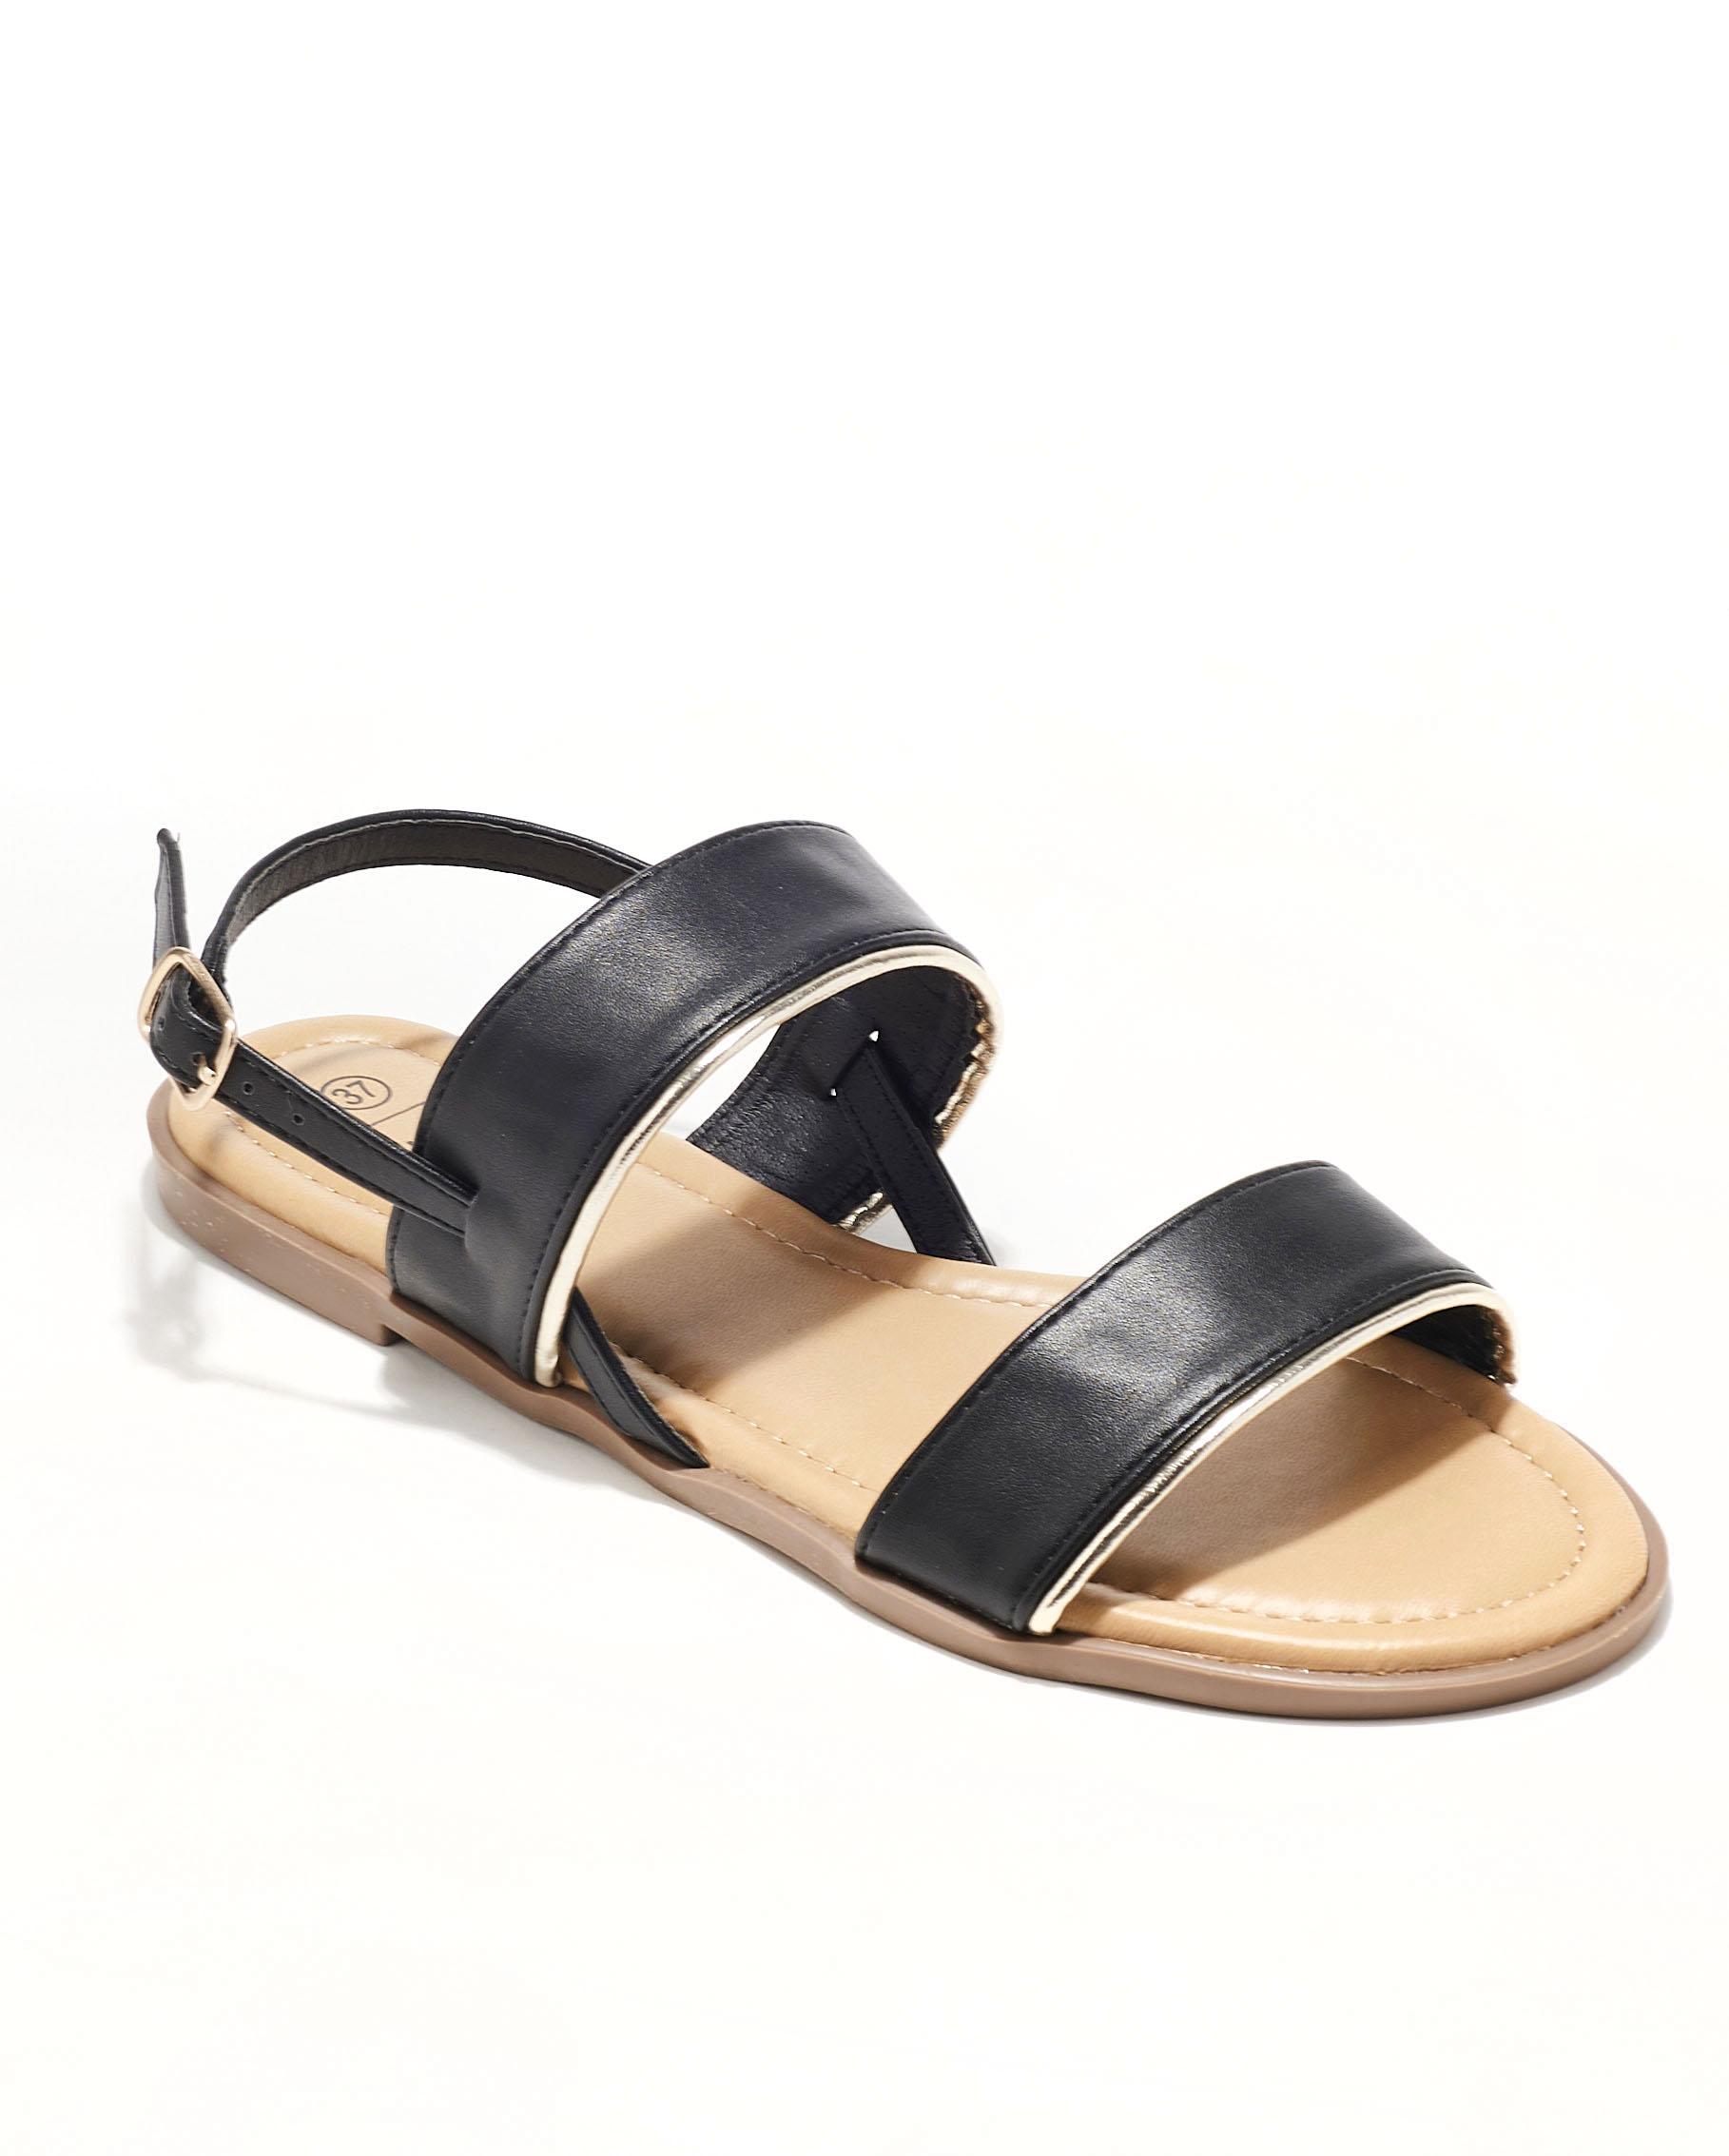 Sandales Plates Femme - Sandale Plate Noir Jina - Style 4 Zh P06